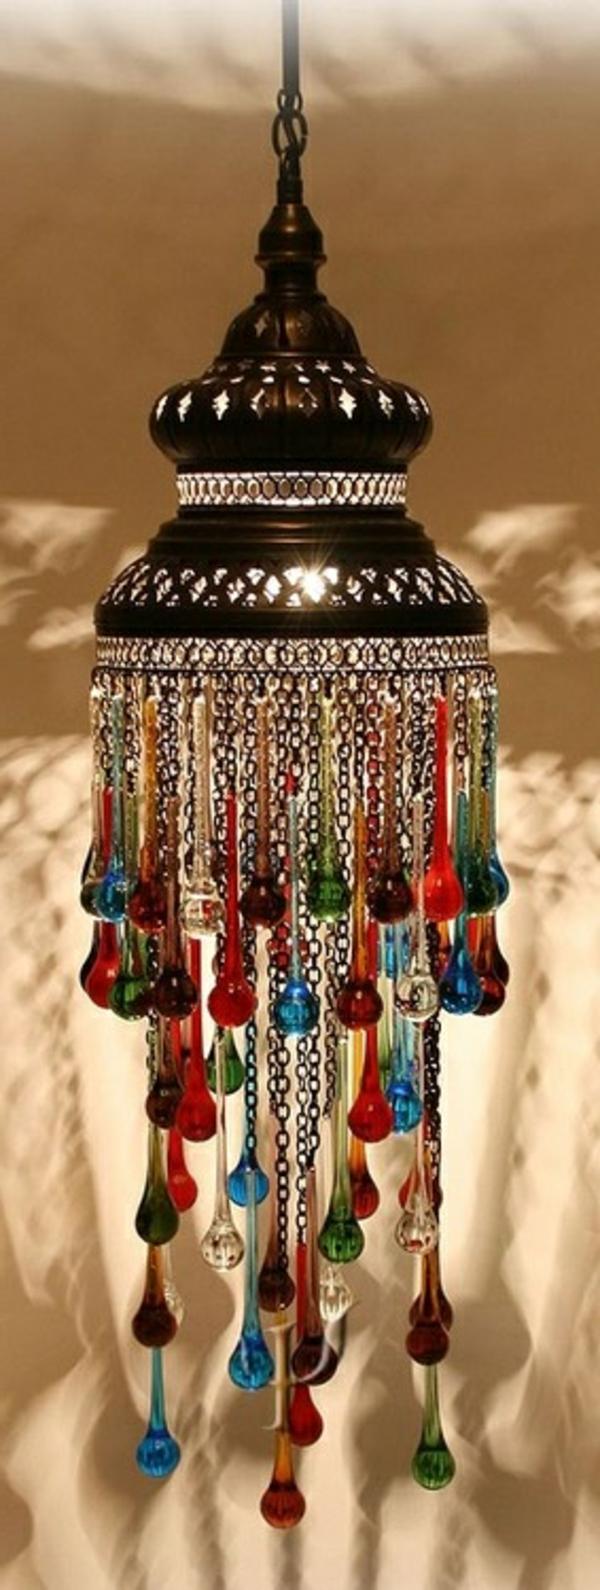 marokkanische-lampen-bunt-und-wunderschön